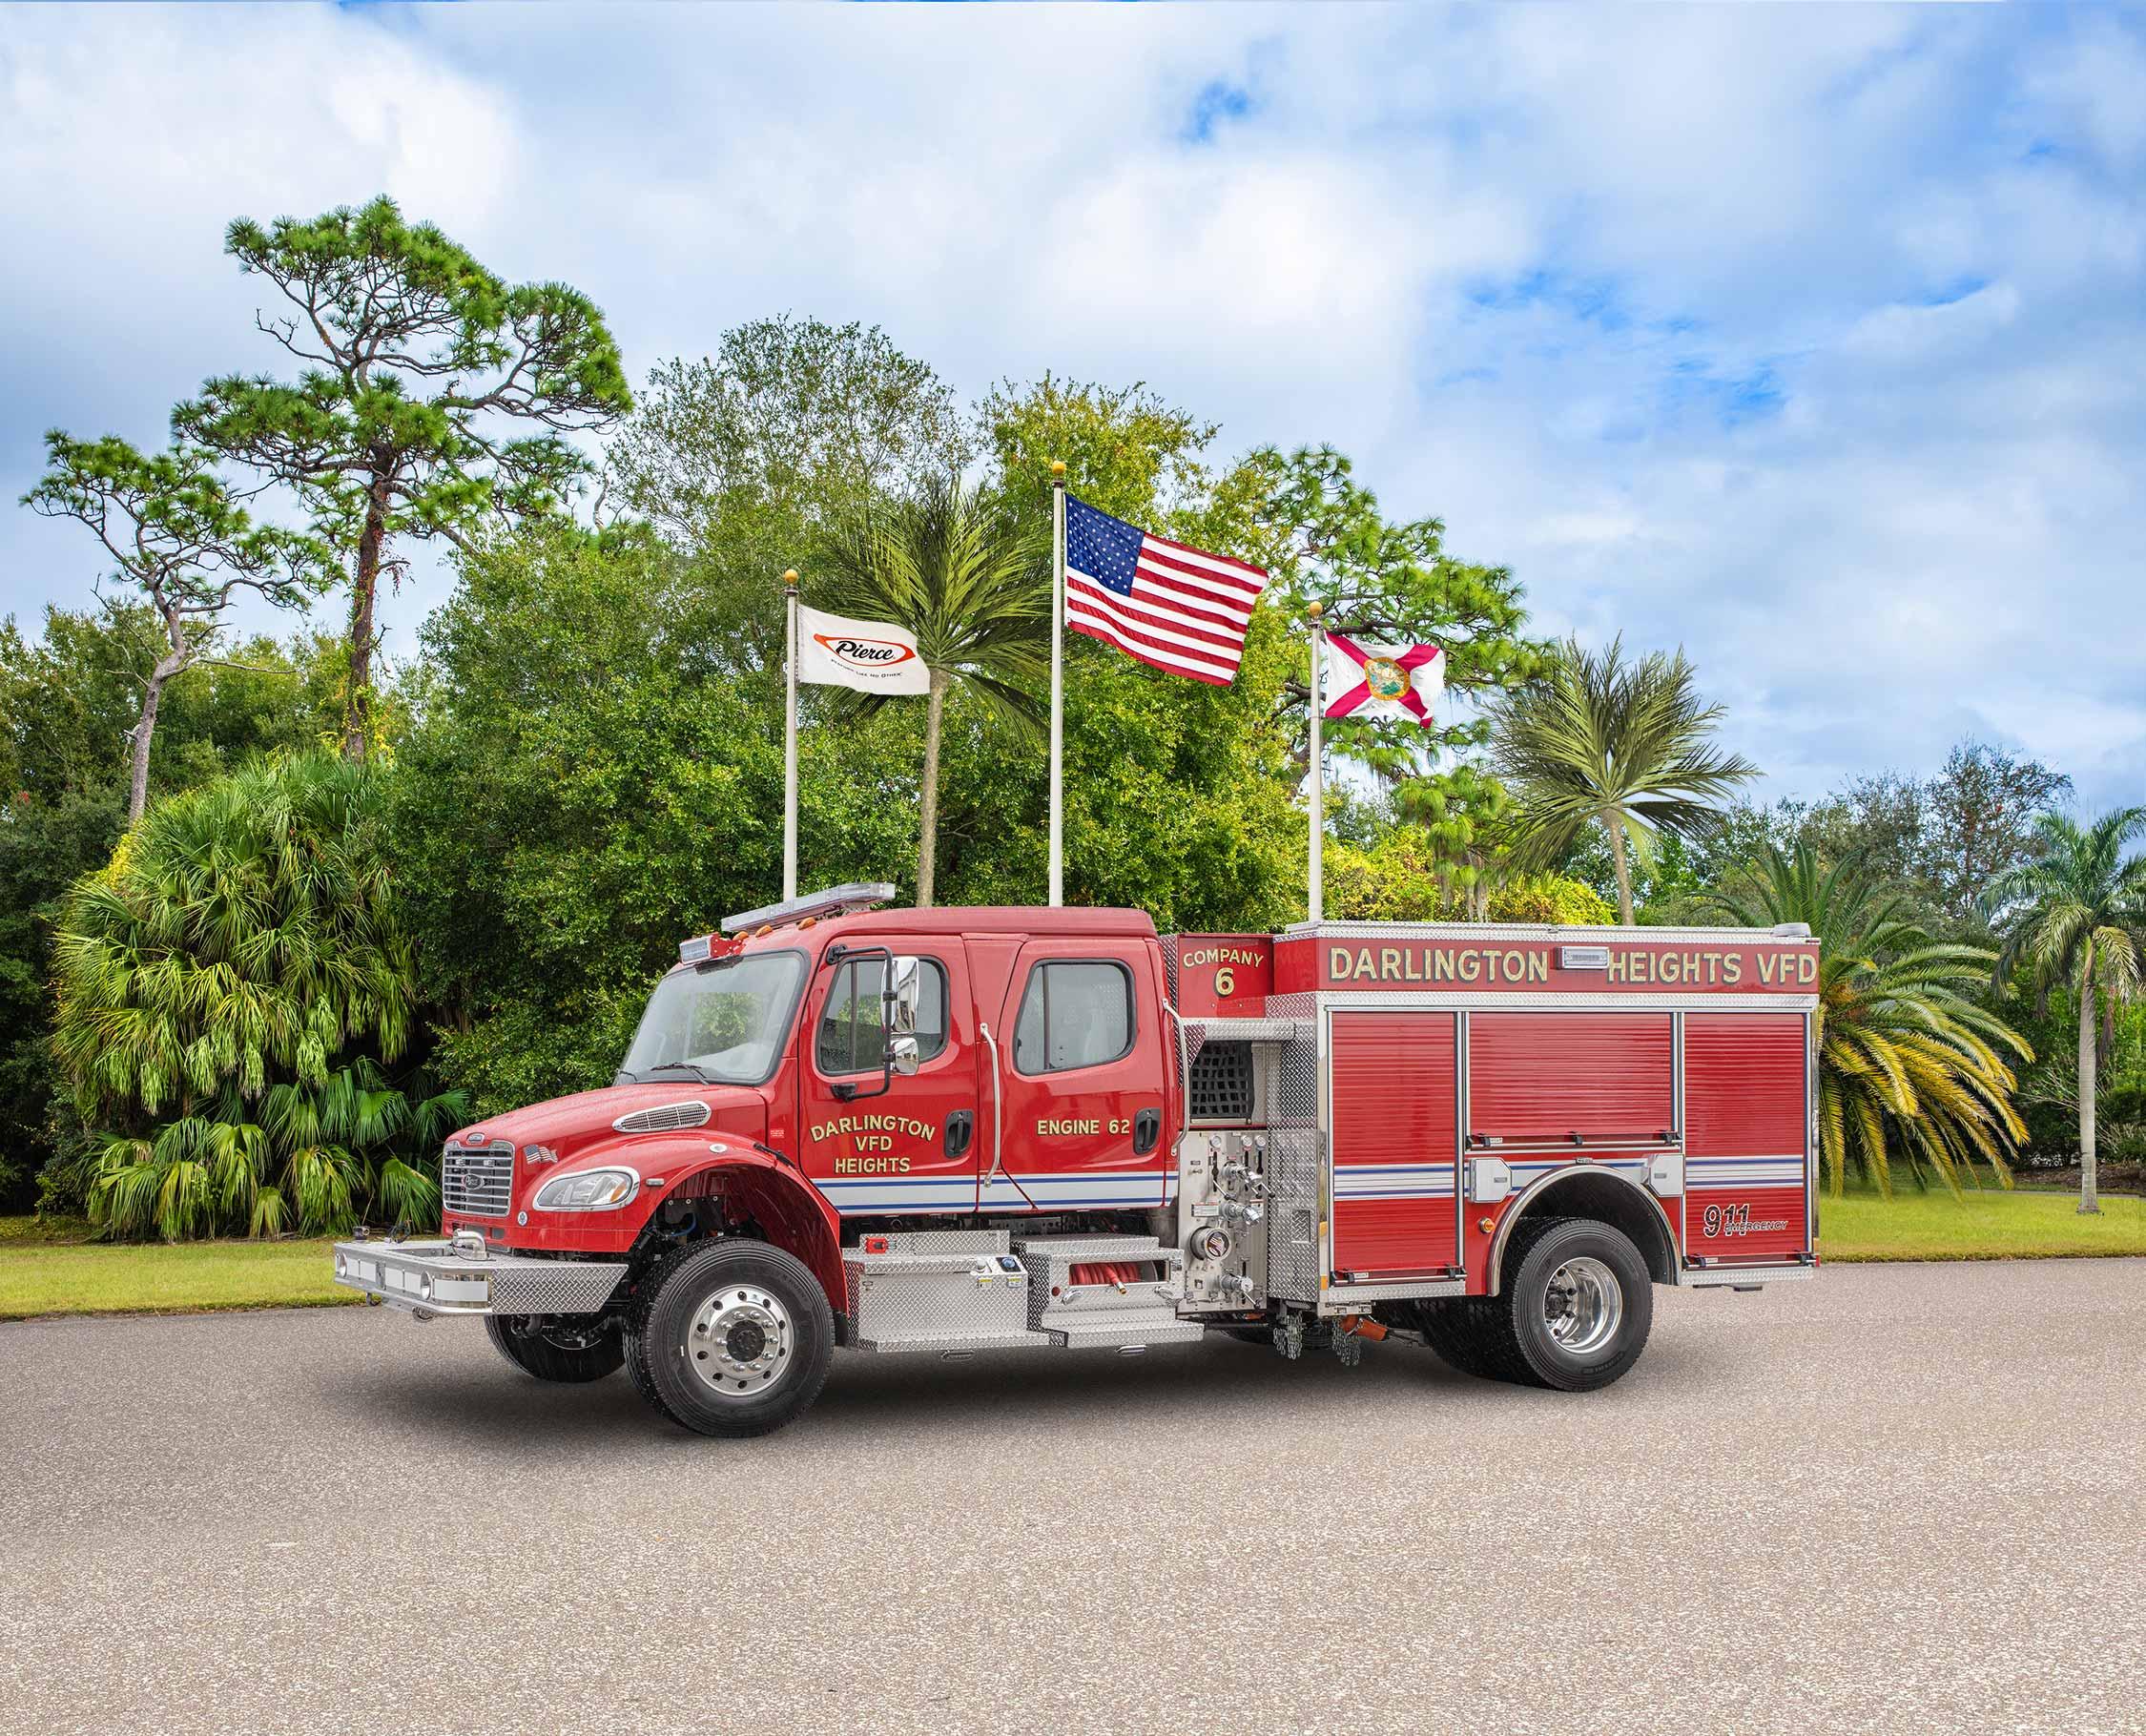 Darlington Heights Volunteer Fire Department - Pumper